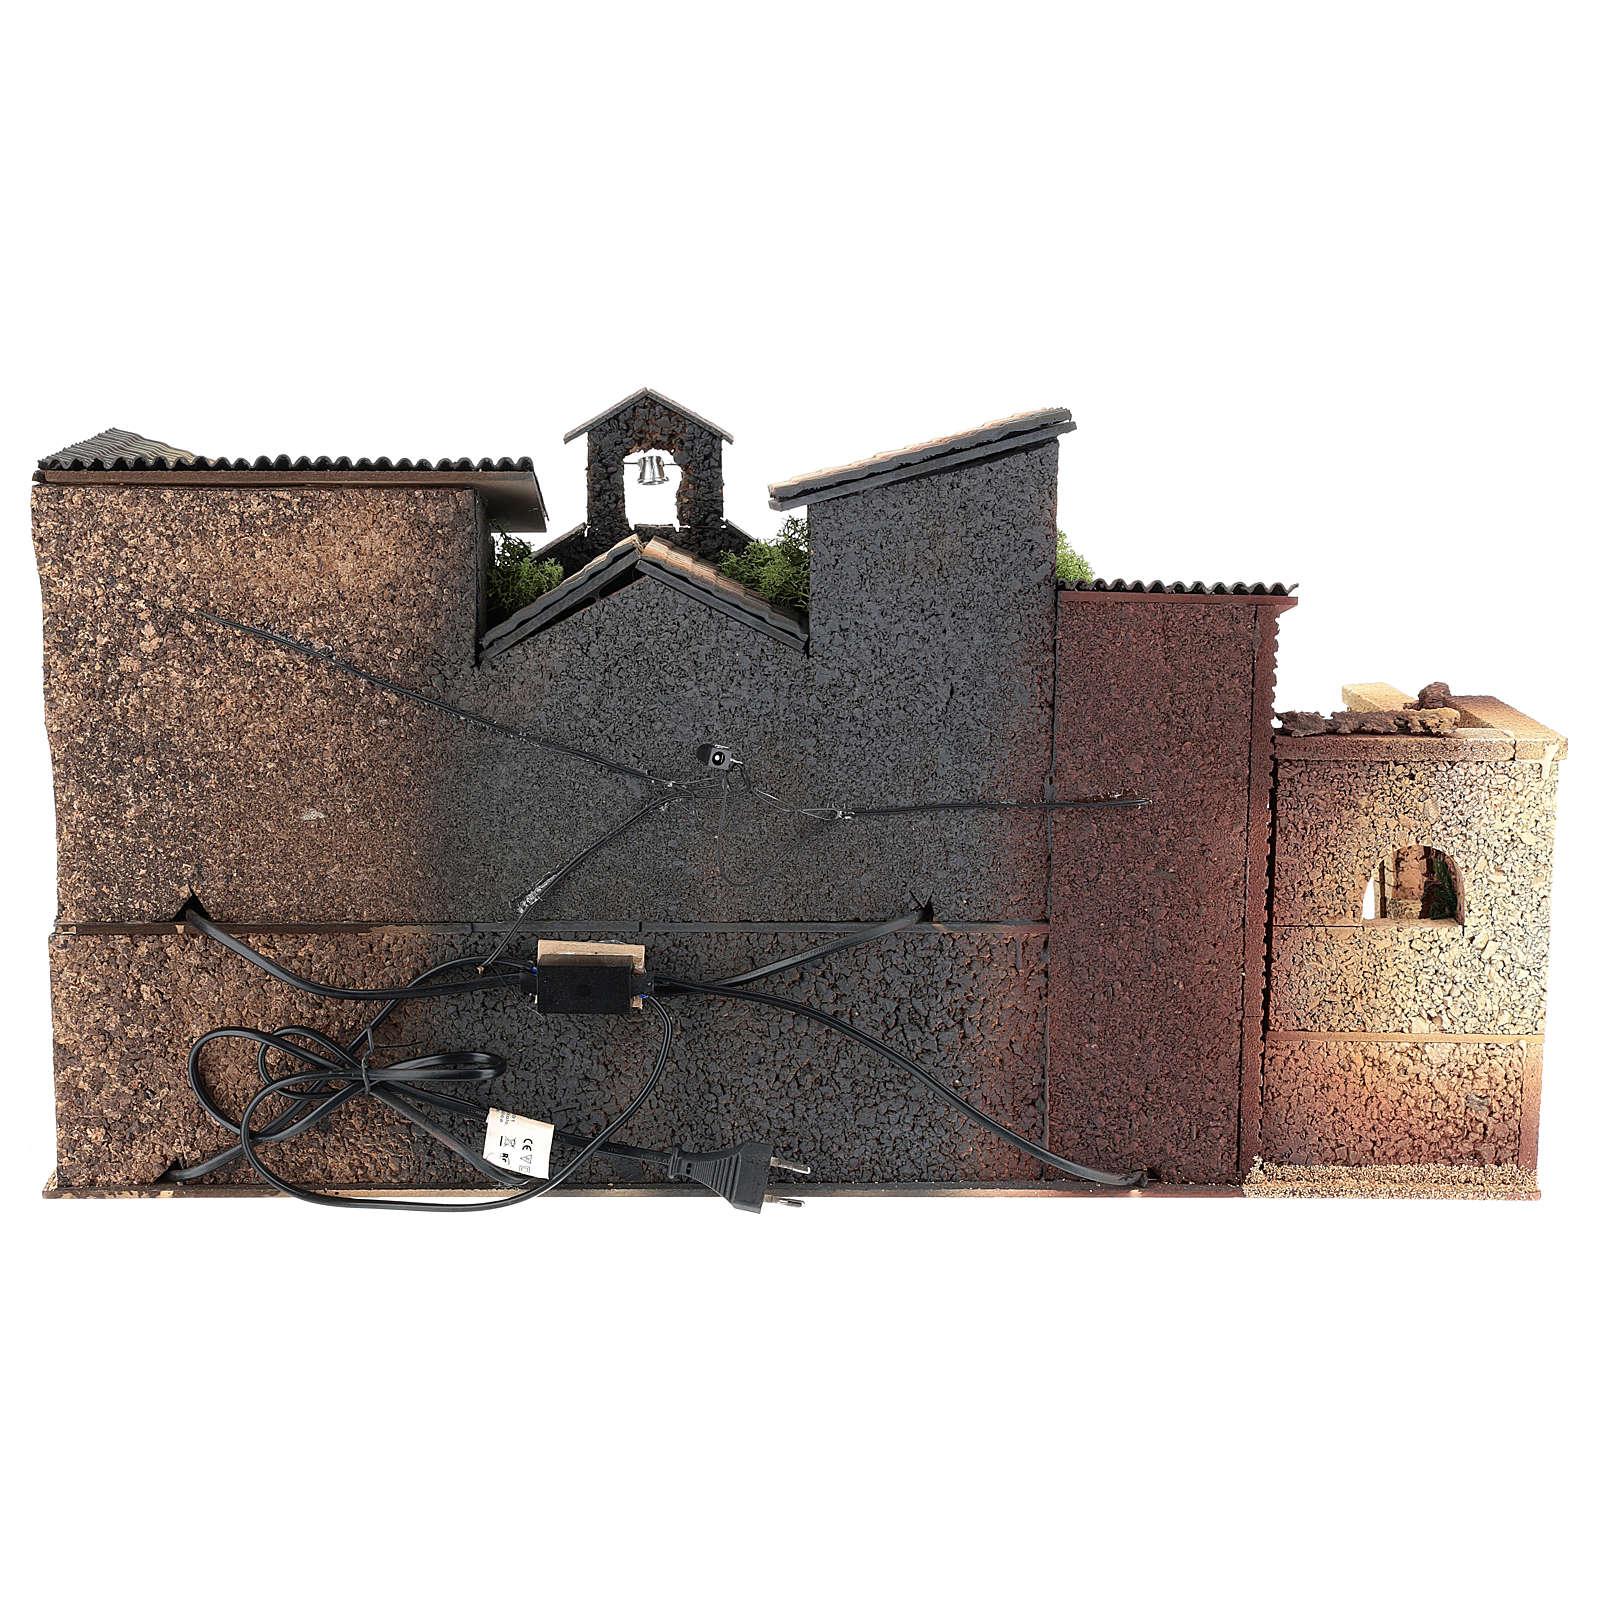 Ambientazione presepe 8 cm con chiesa  40x70x40 cm 4